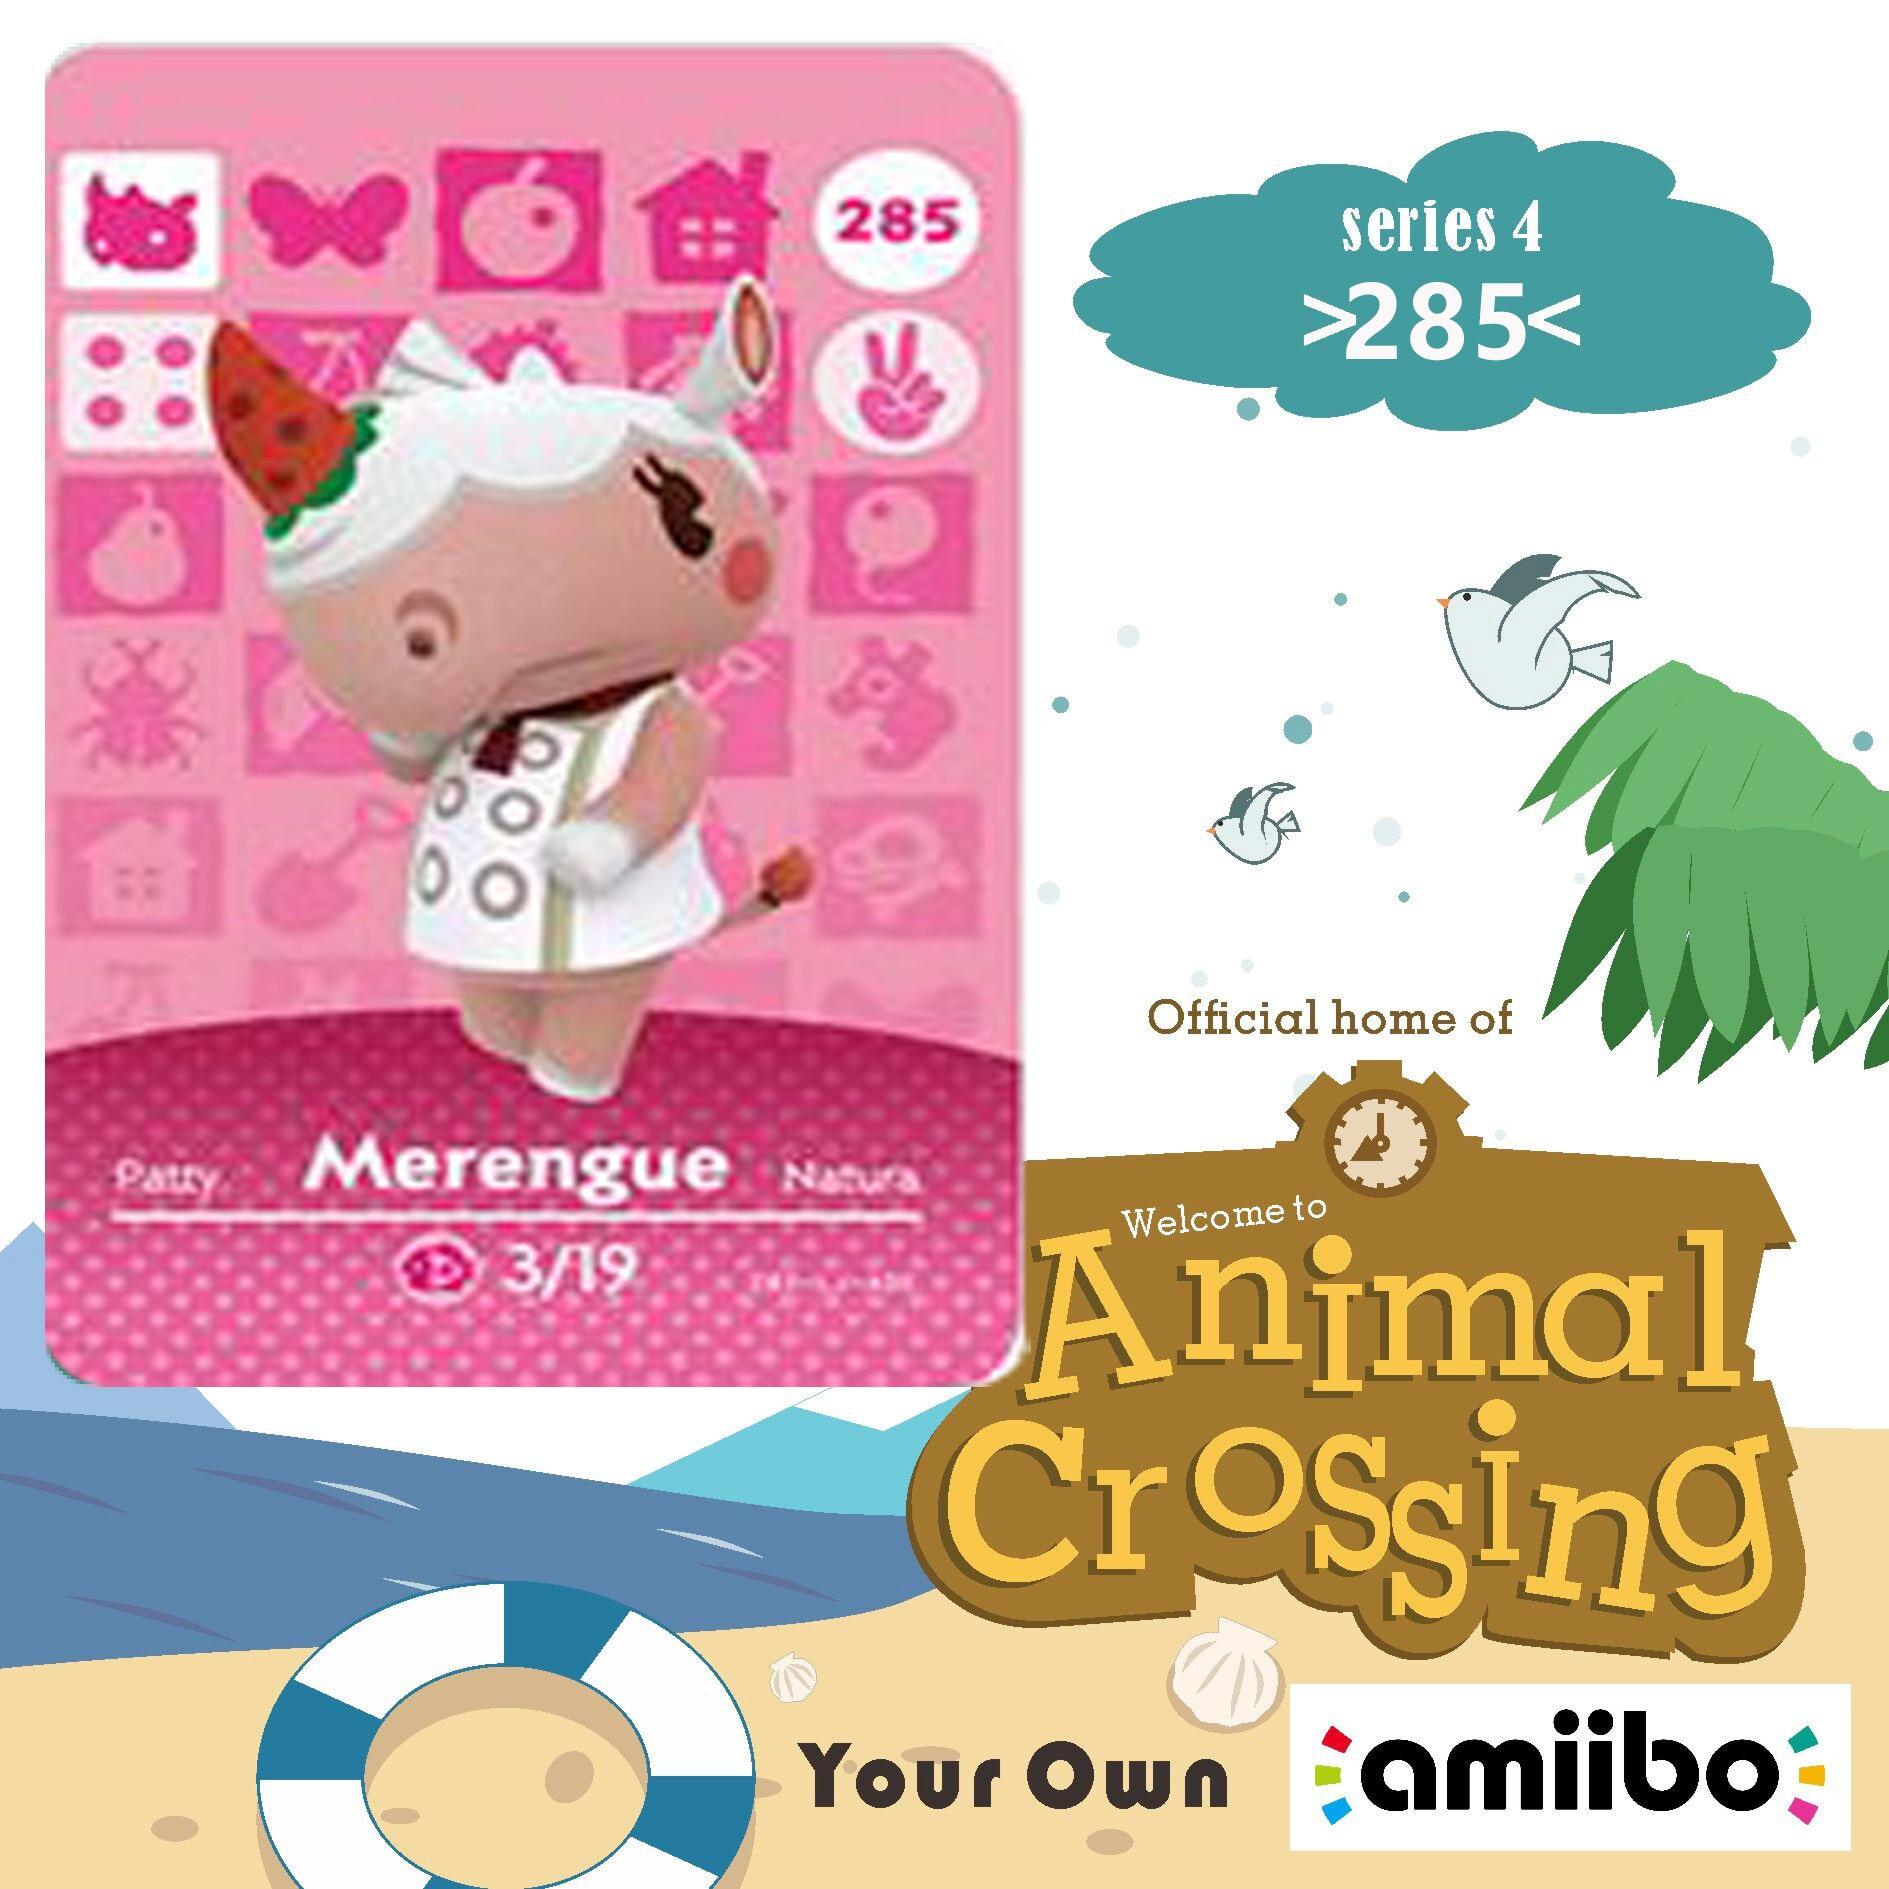 285 Merengue Amiibo Card Animal Crossing Series 3 Merengue Animal Crossing Amiibo Card Work For Ns Games Nfc Card Dropshipping